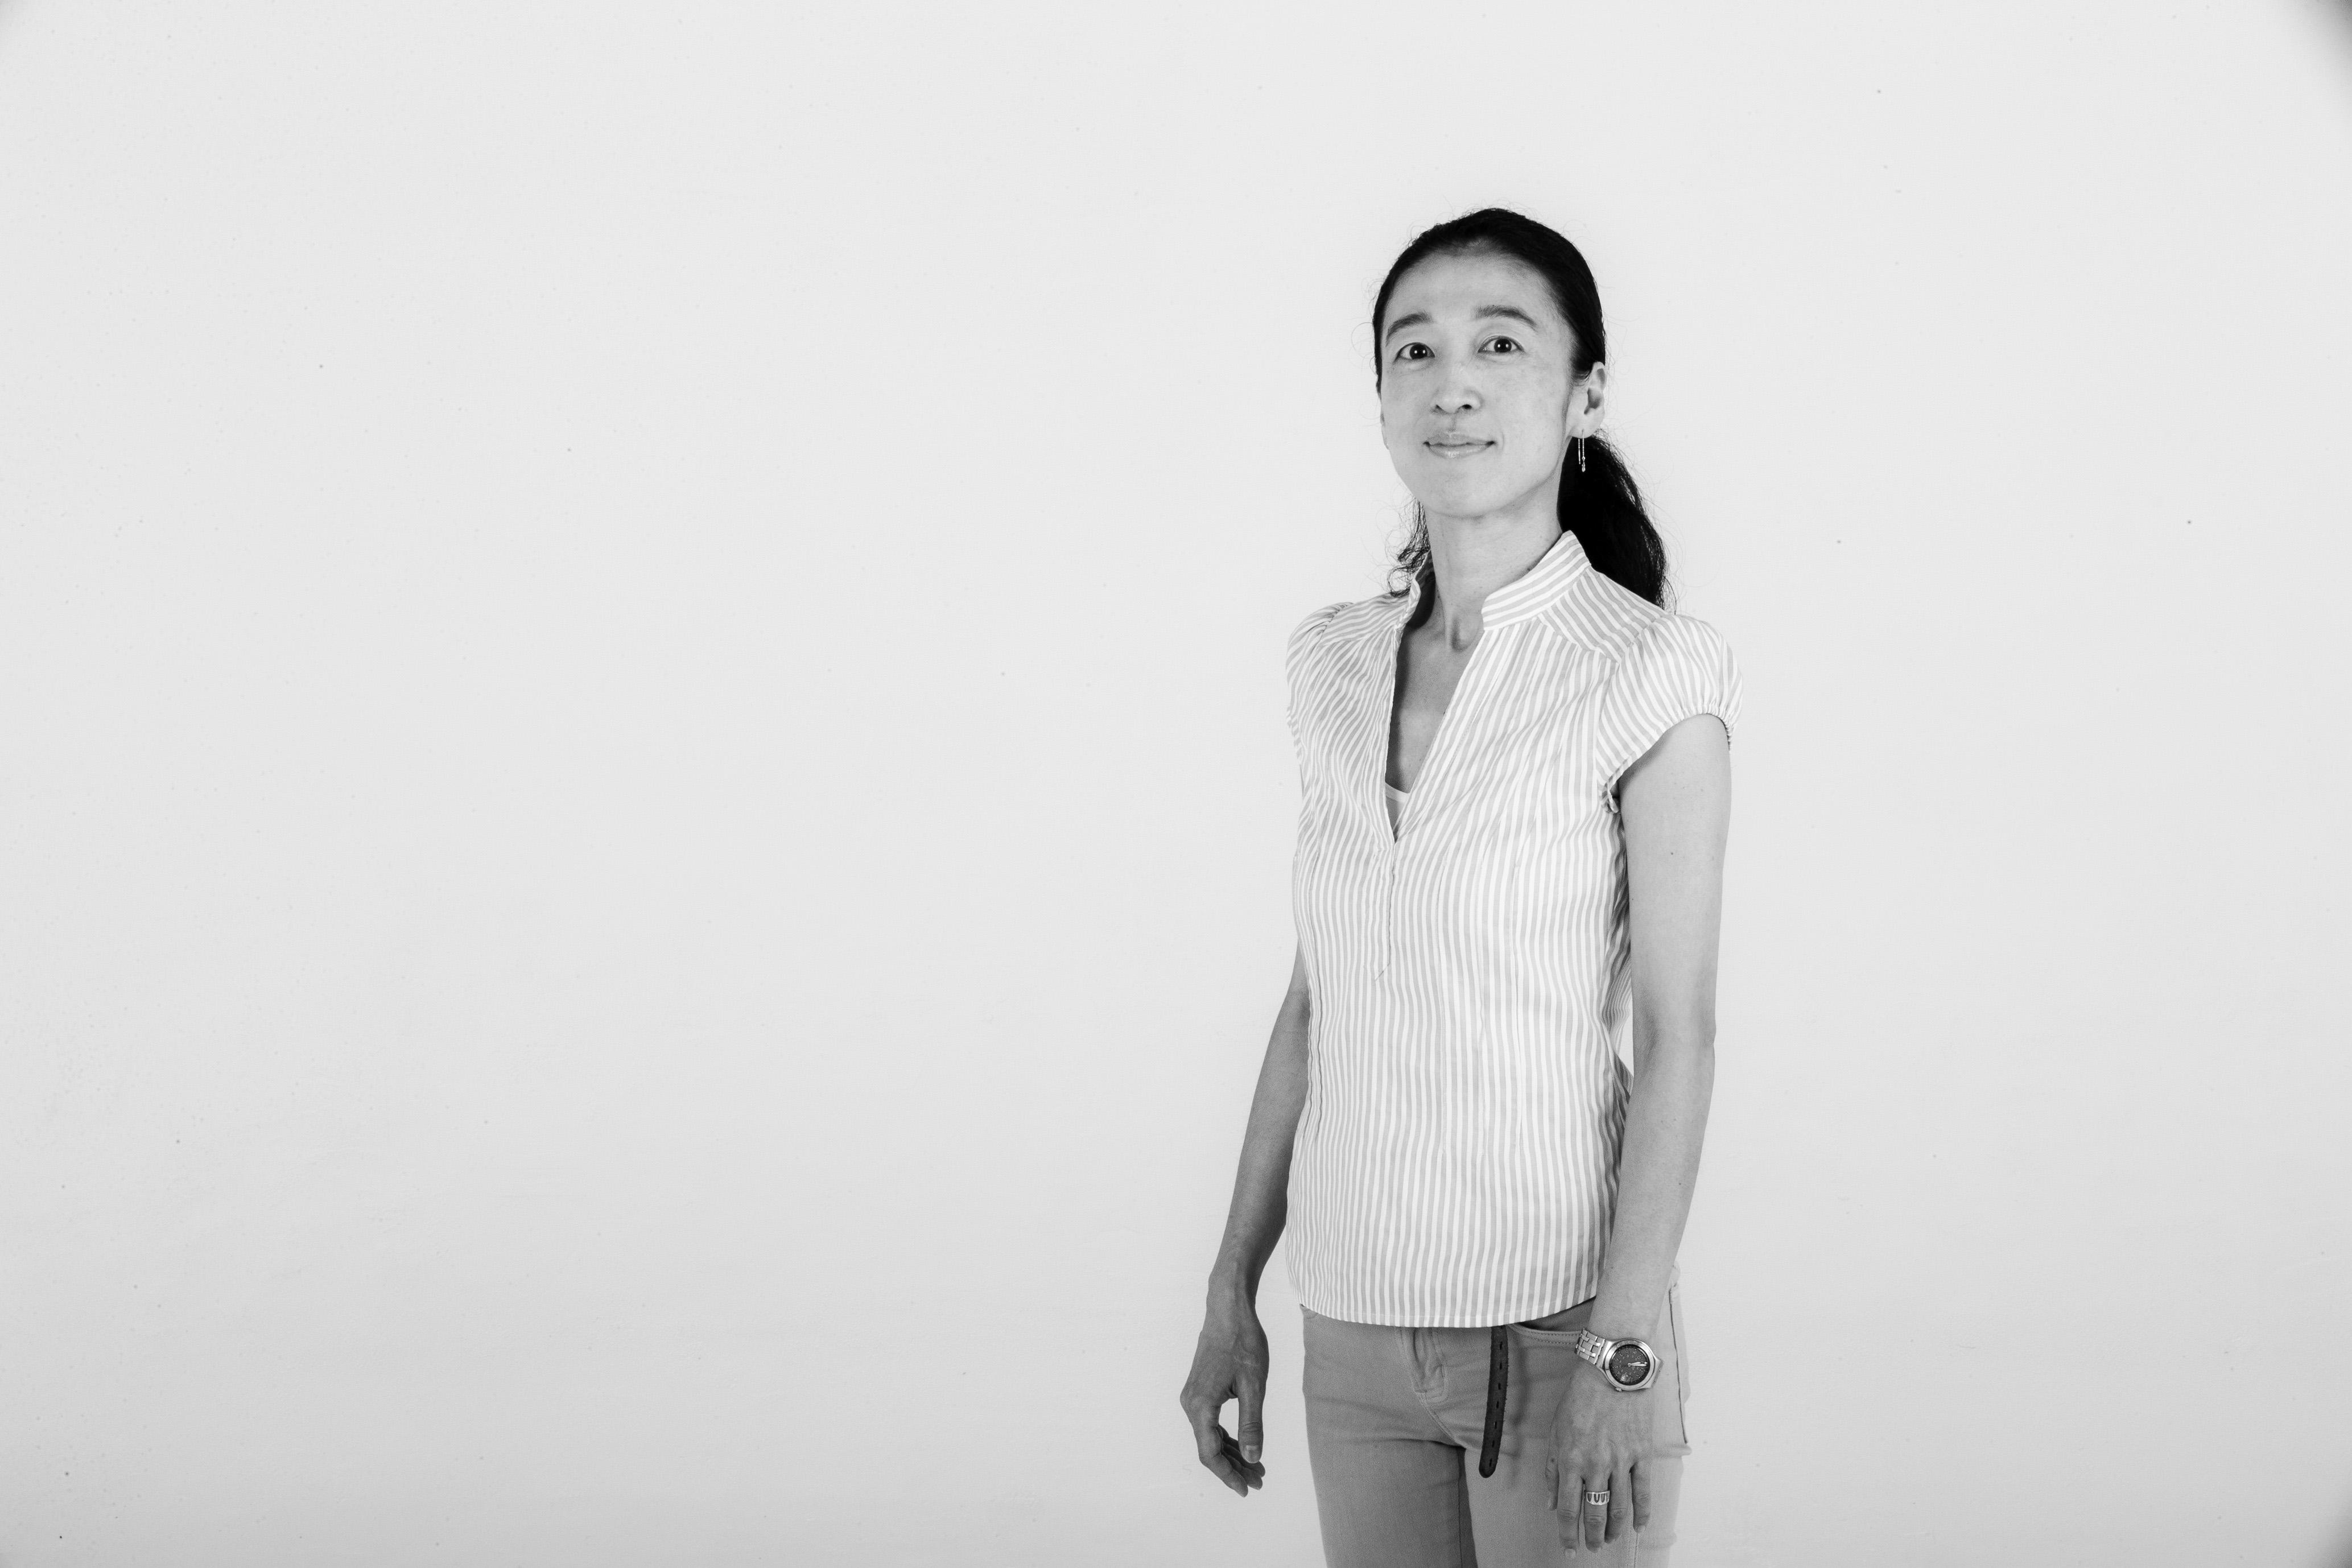 Mariko Tsukiyama